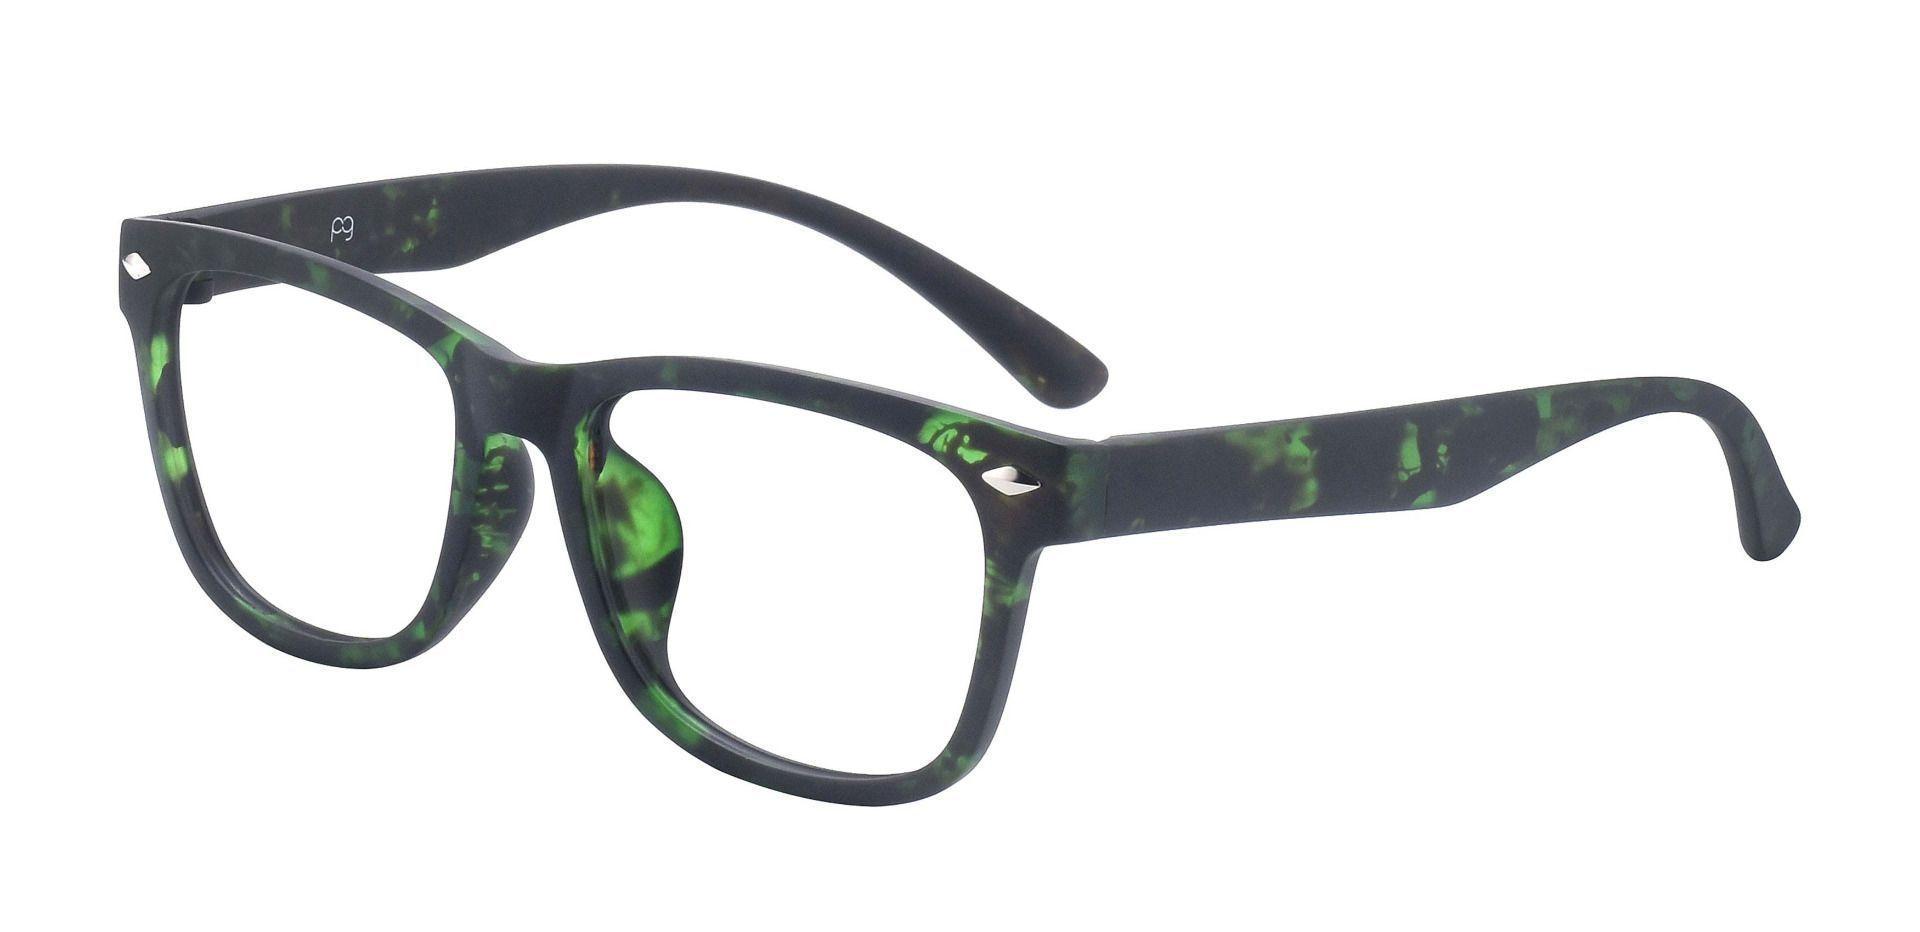 Tessa Classic Square Prescription Glasses - Green